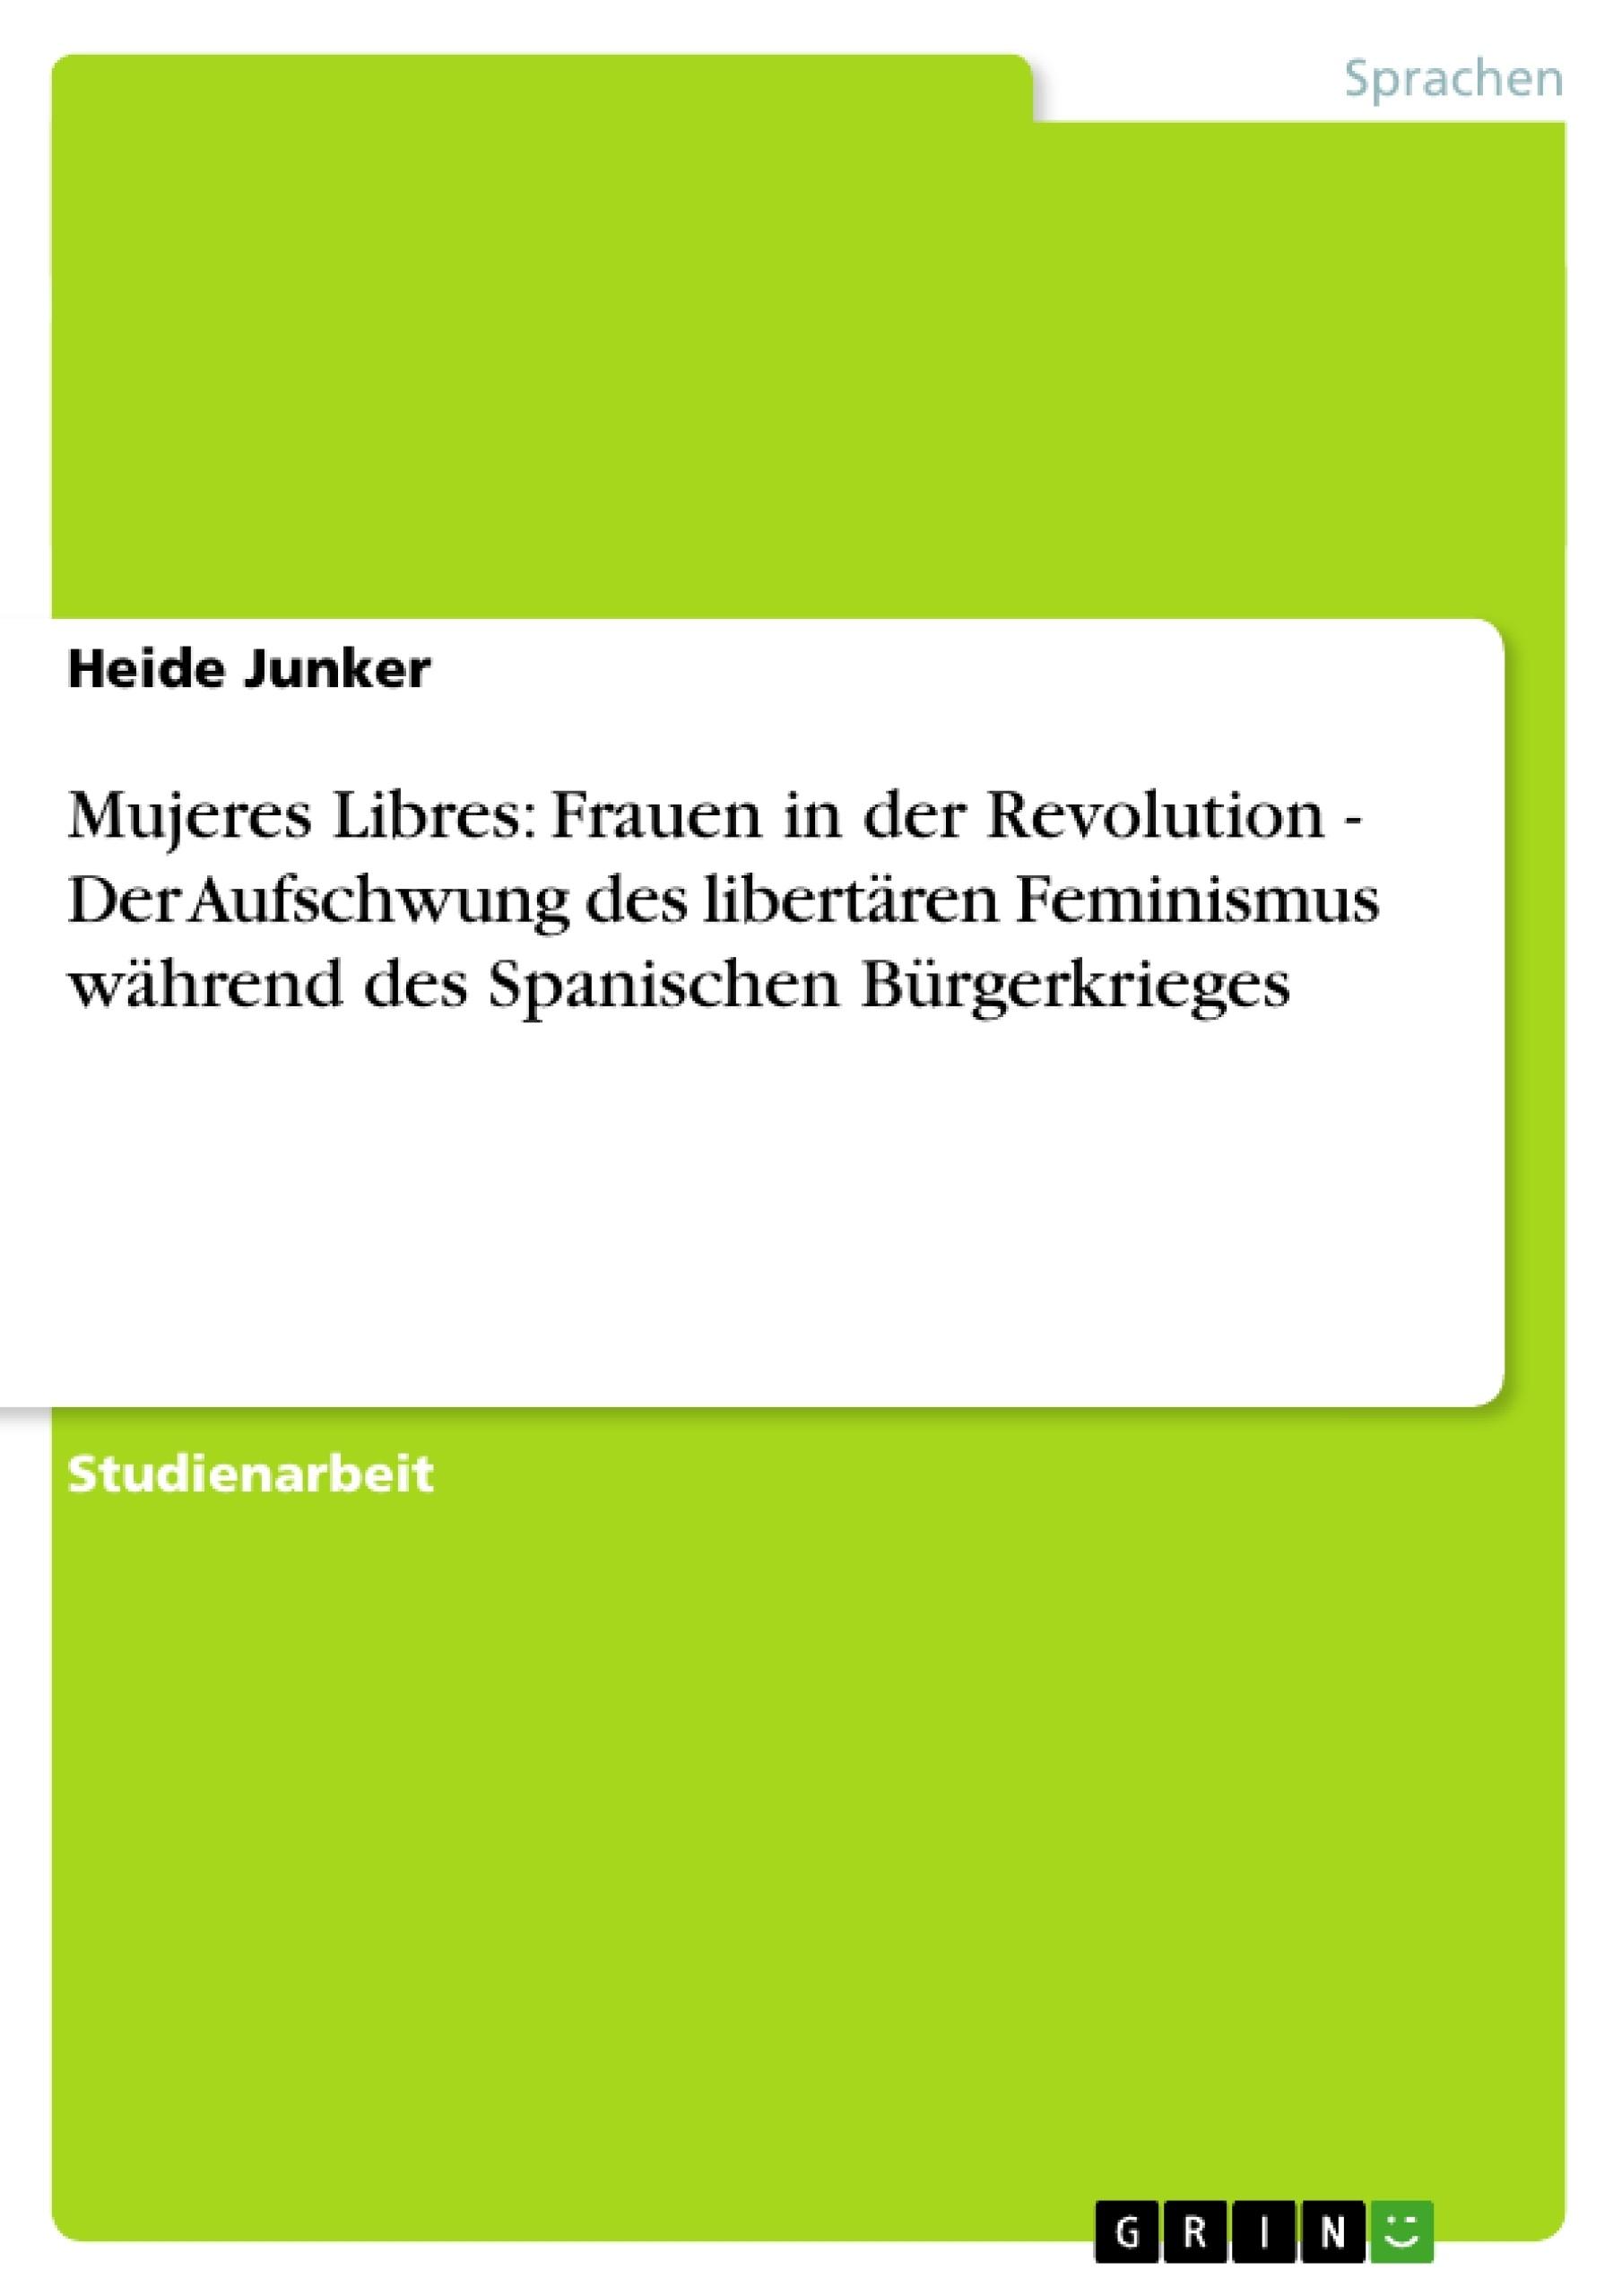 Titel: Mujeres Libres:  Frauen in der Revolution -  Der Aufschwung des libertären Feminismus während des Spanischen Bürgerkrieges